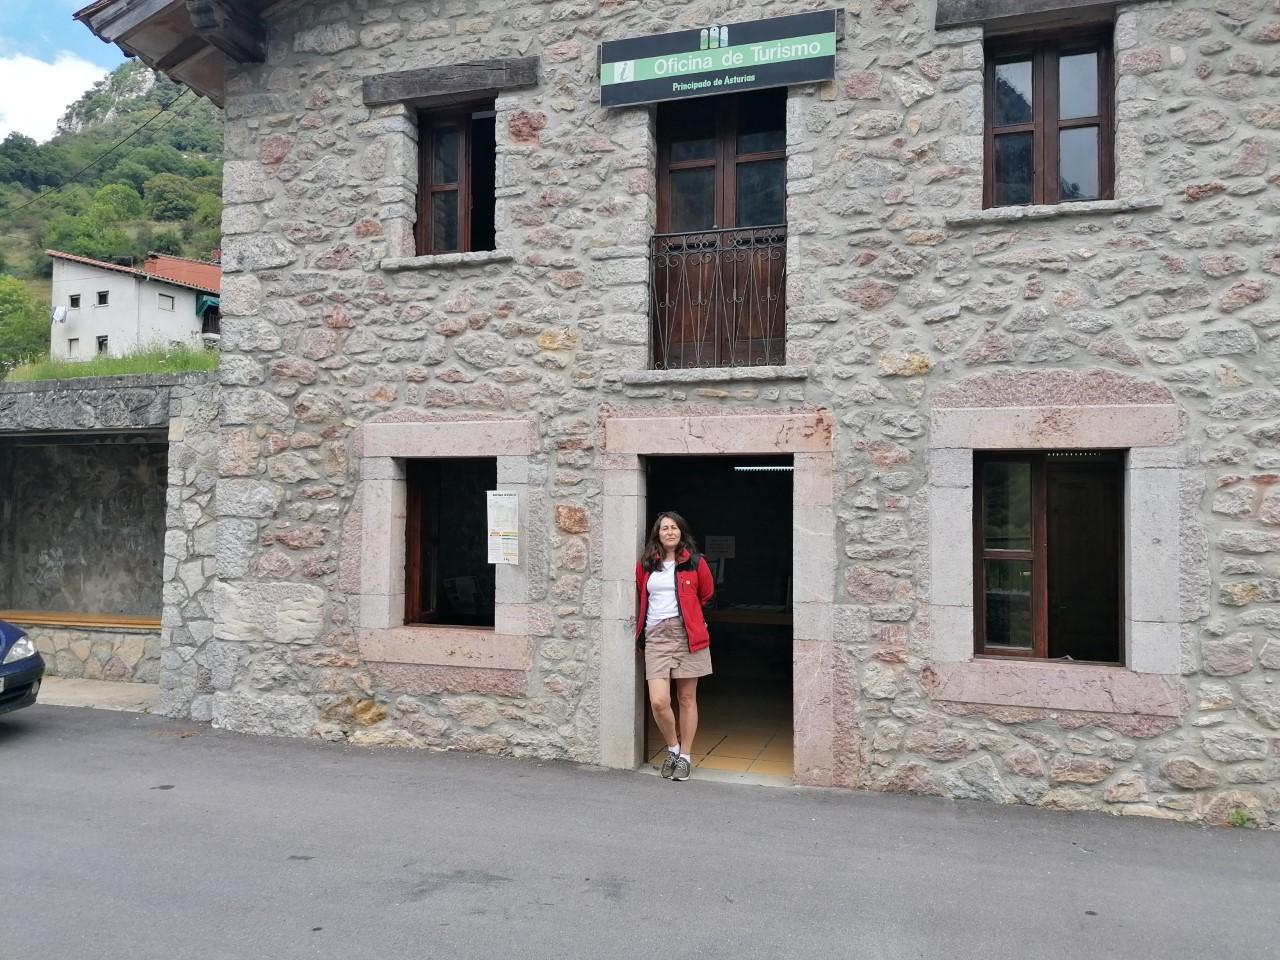 El Parque Nacional de los Picos de Europa estrena un nuevo punto de información turística en Trescares (Peñamellera Alta)